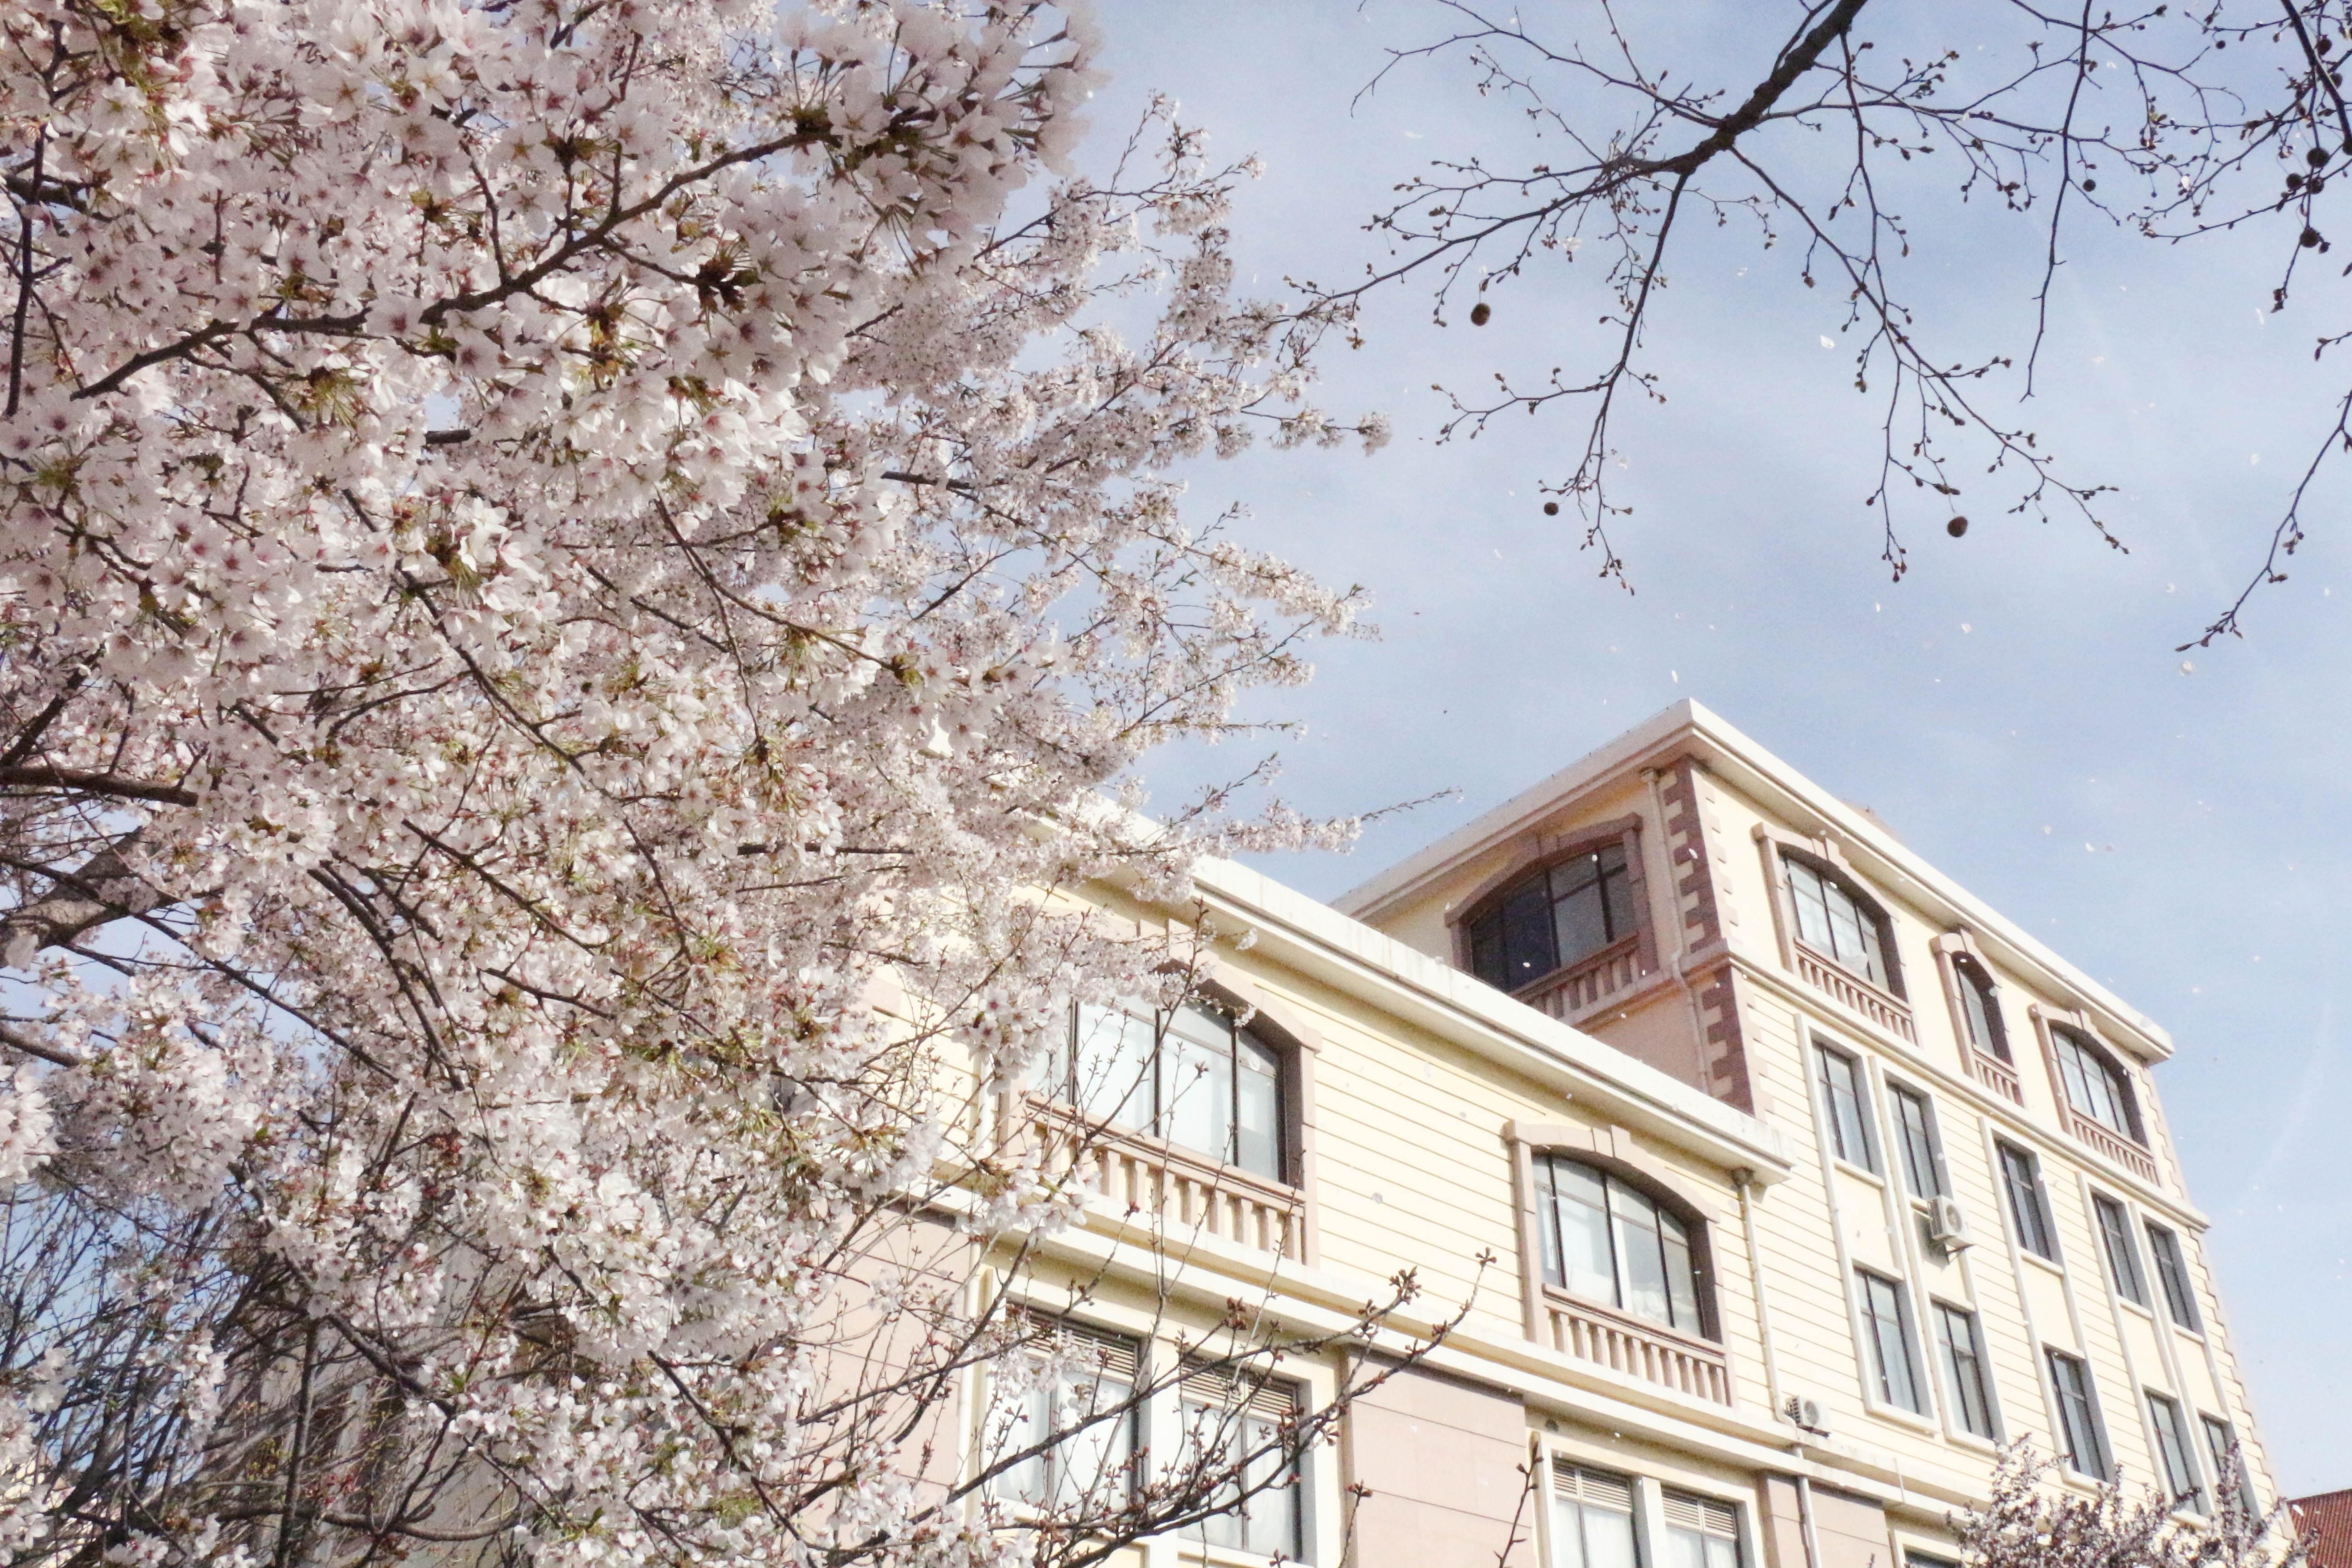 海大浪漫樱花季 最美人间四月天